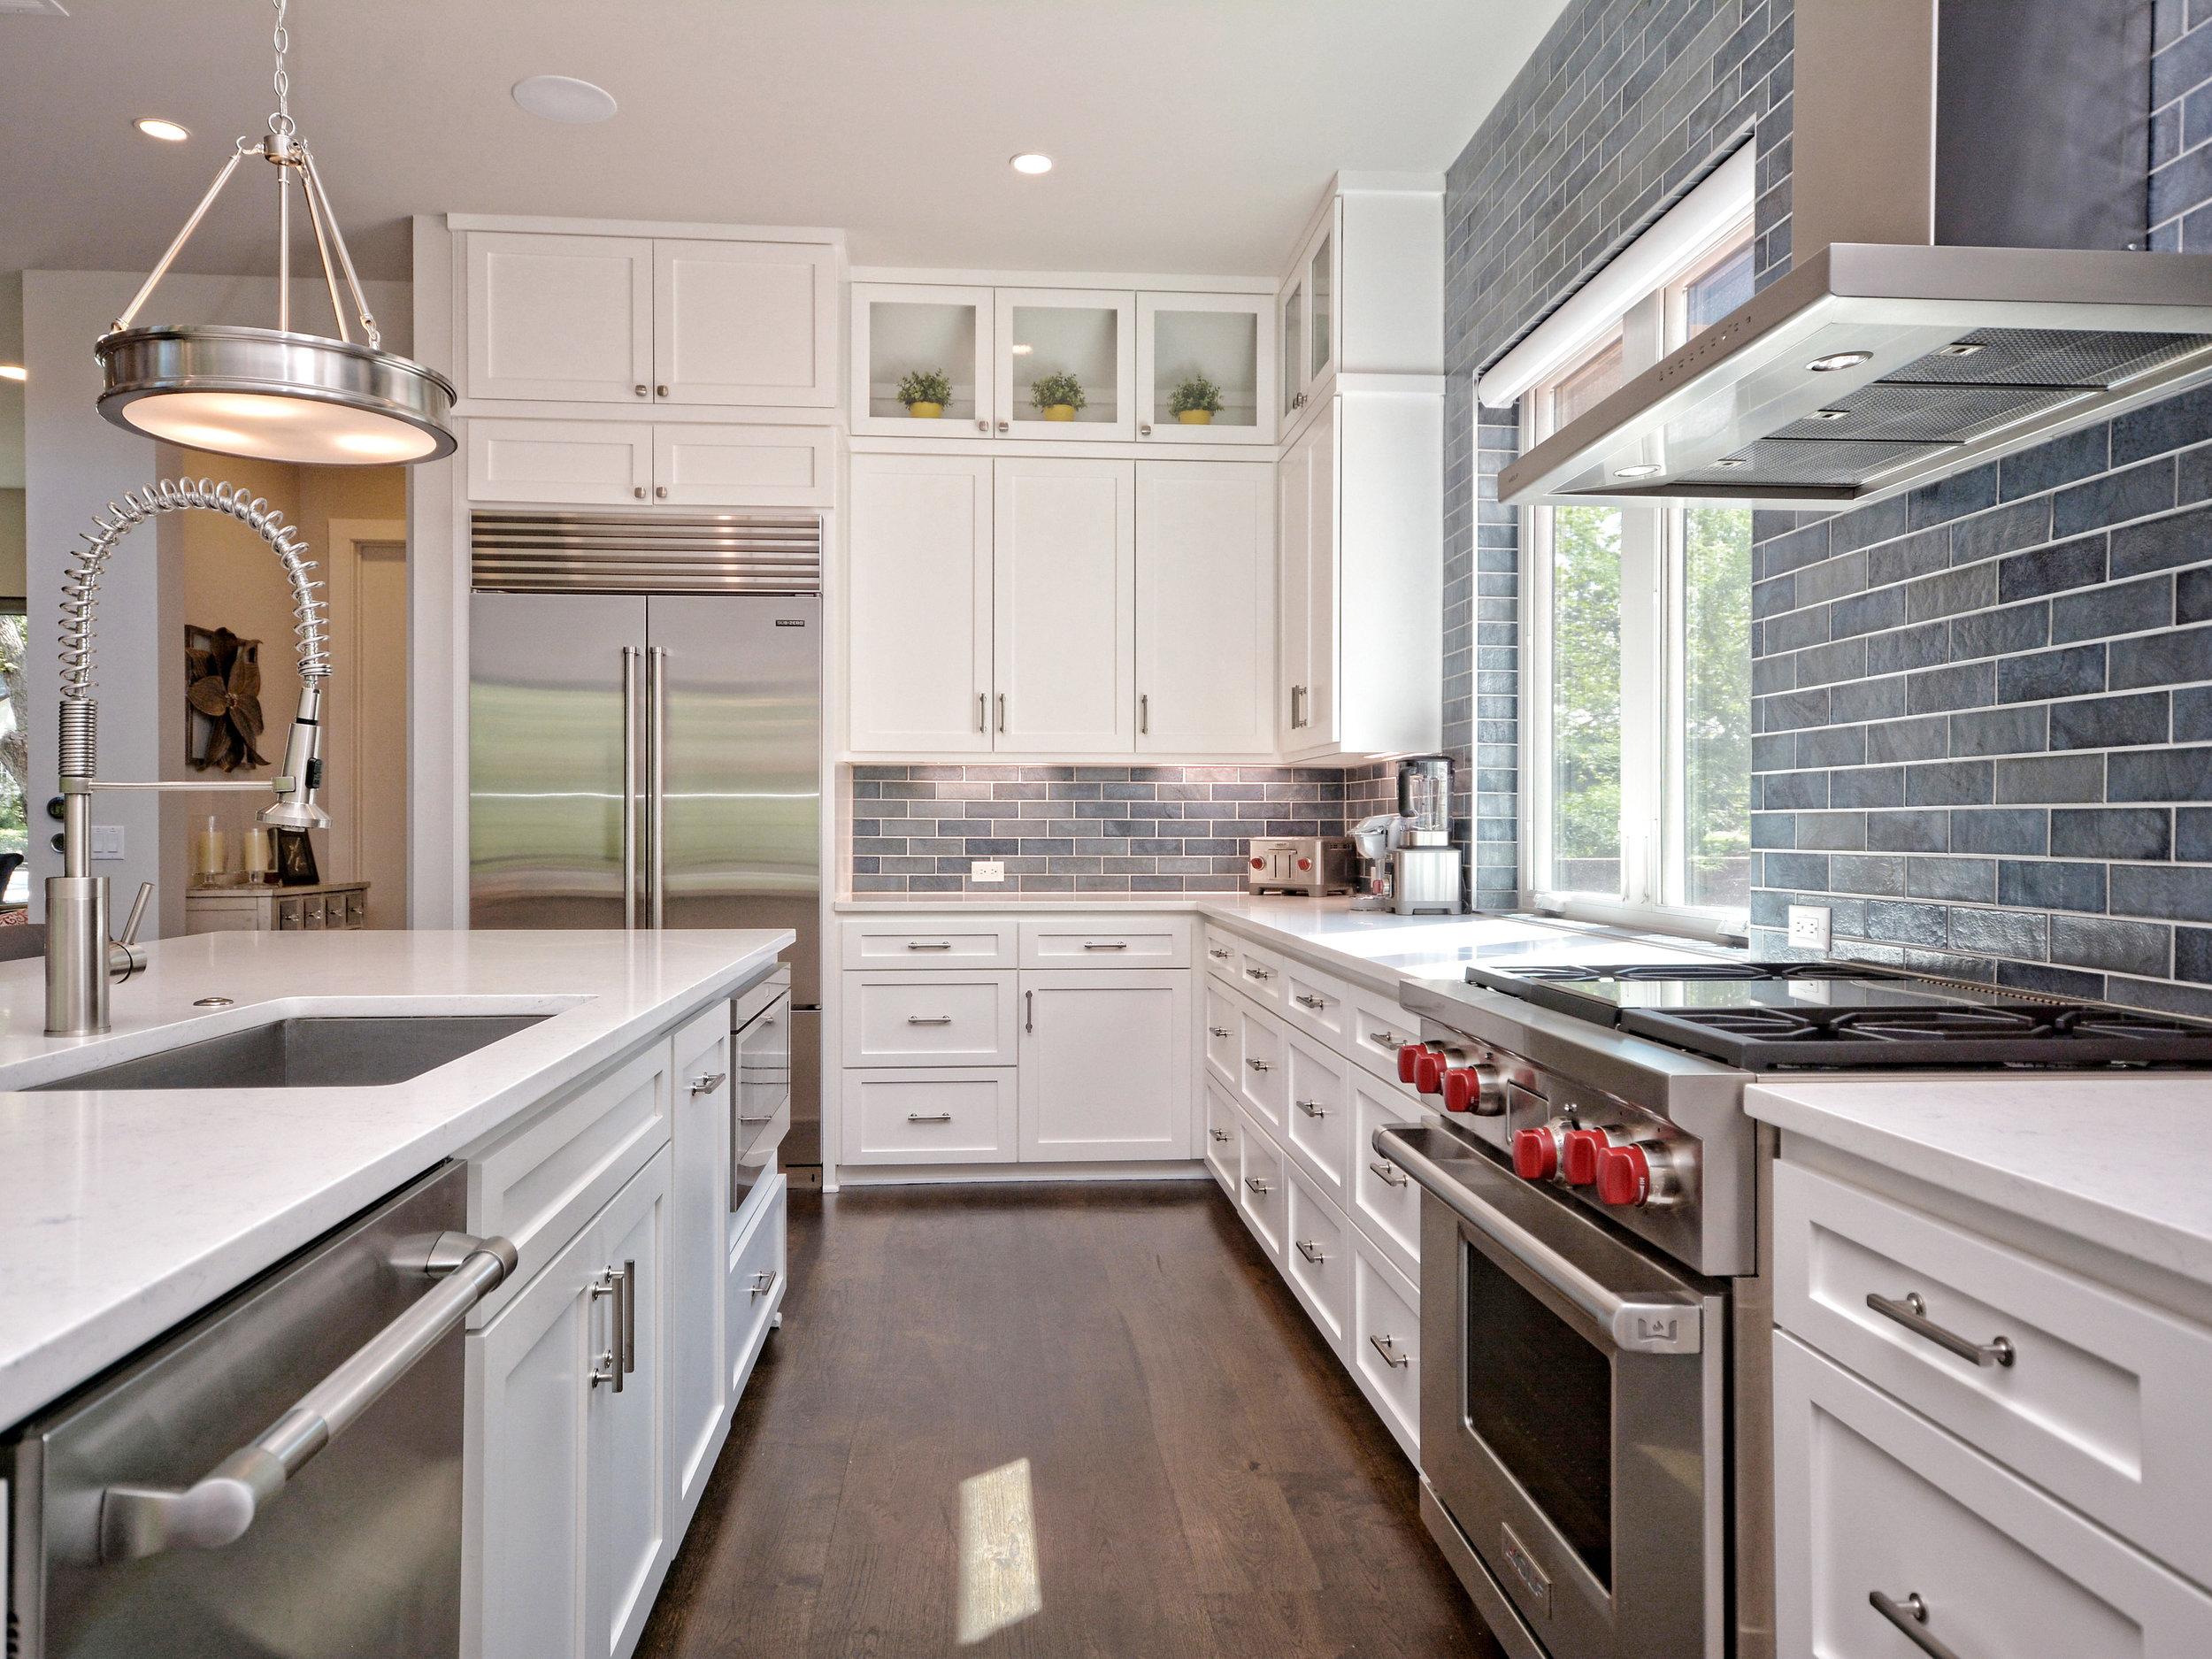 017_Kitchen 2.jpg